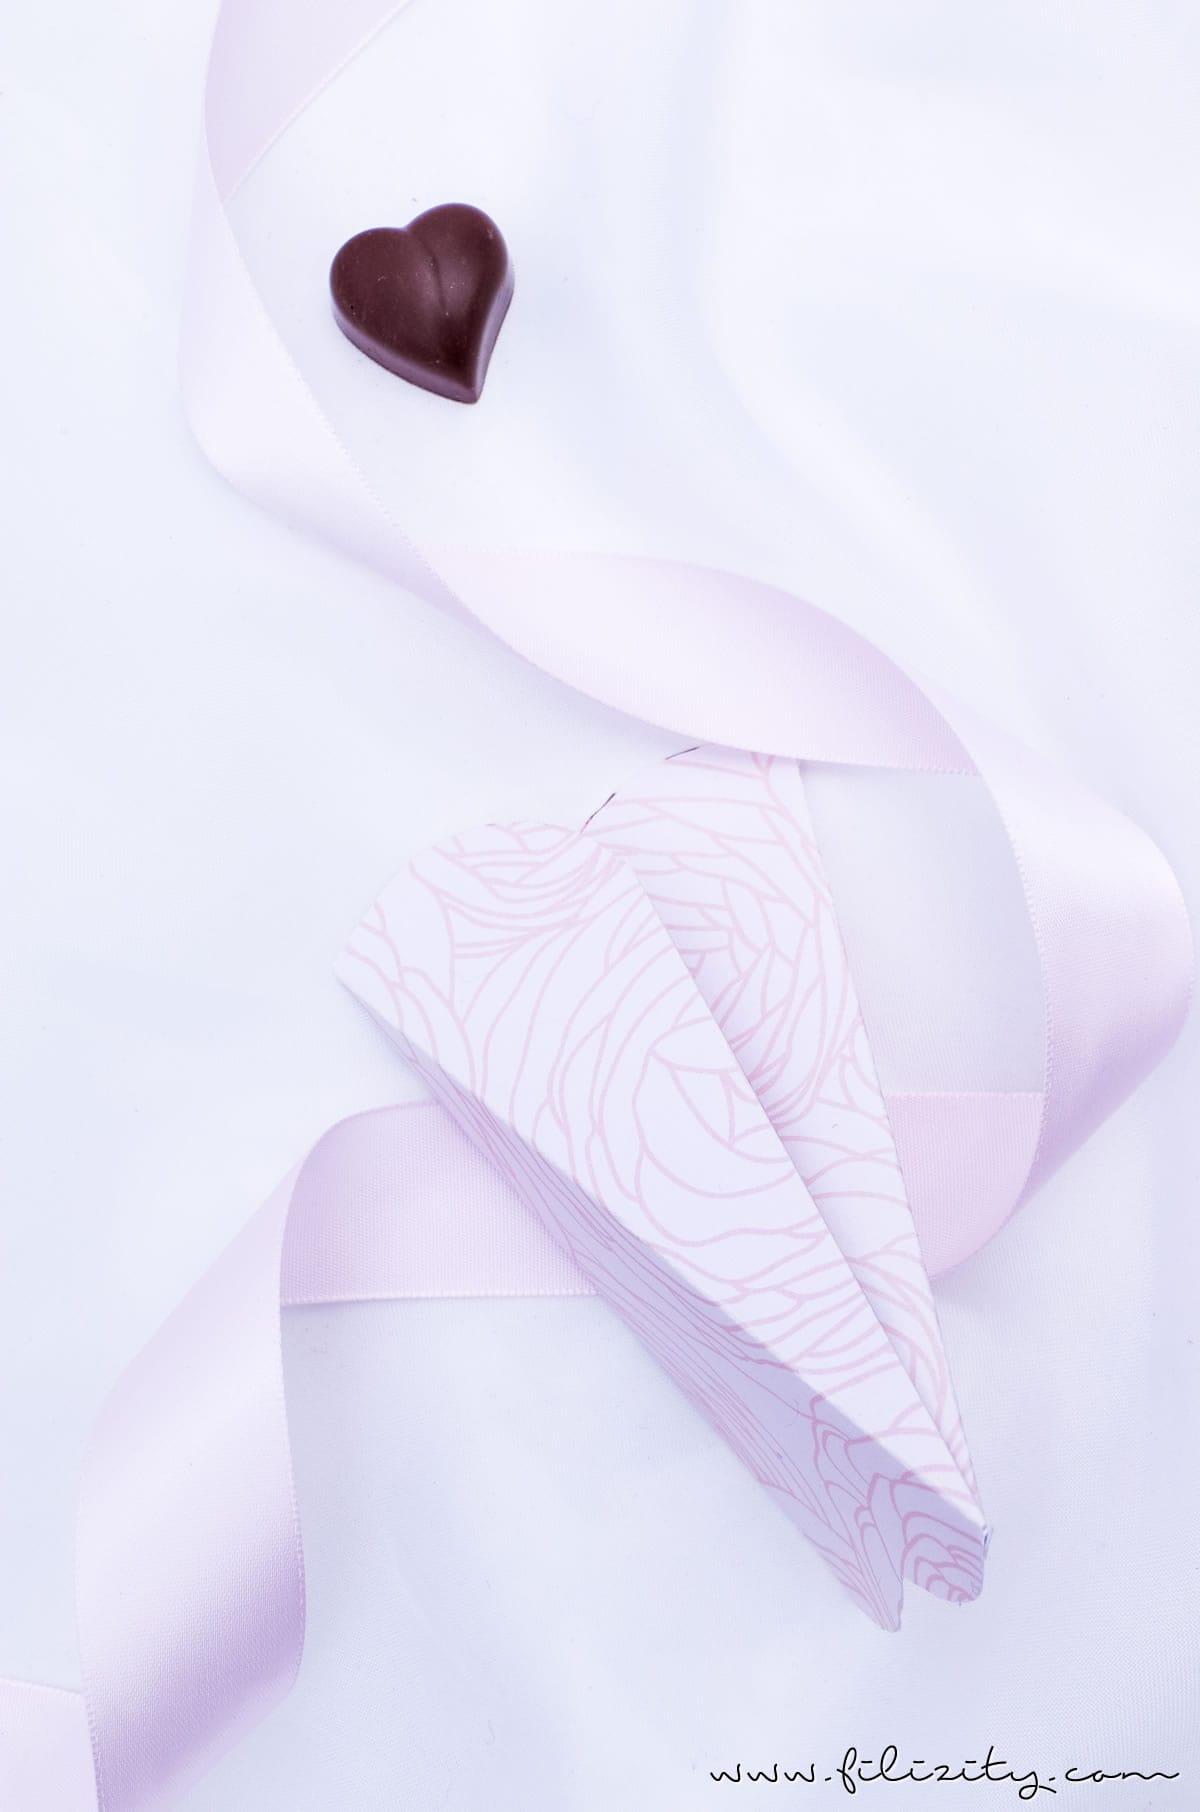 DIY Geschenkverpackung für Valentinstag: 3D Herztüten selber machen | Filizity.com | DIY-Blog aus dem Rheinland #valentinstag #muttertag #geschenkideen